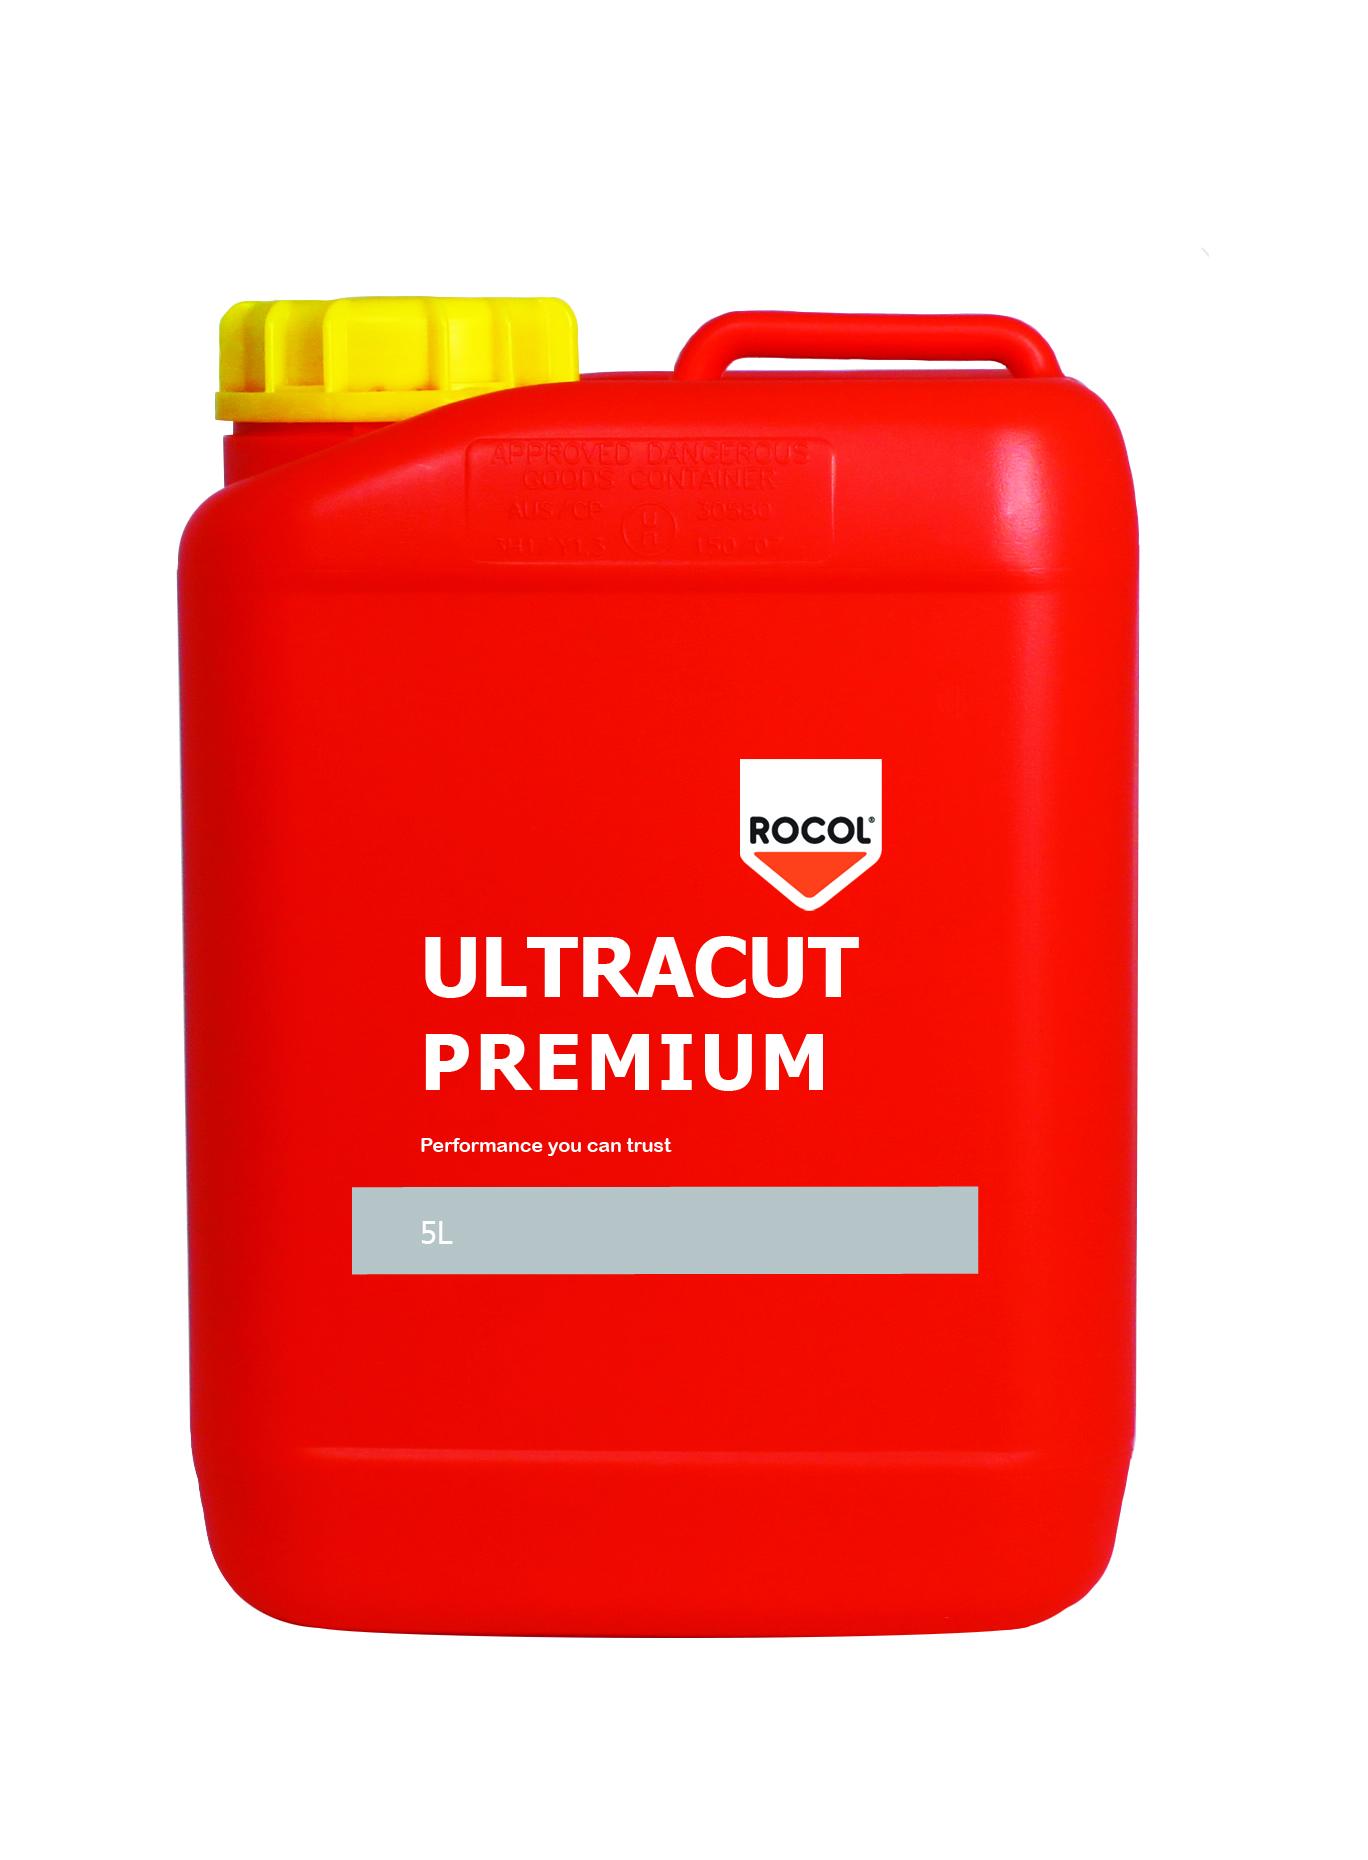 Ultracut Premium – Premium soluble cutting fluid